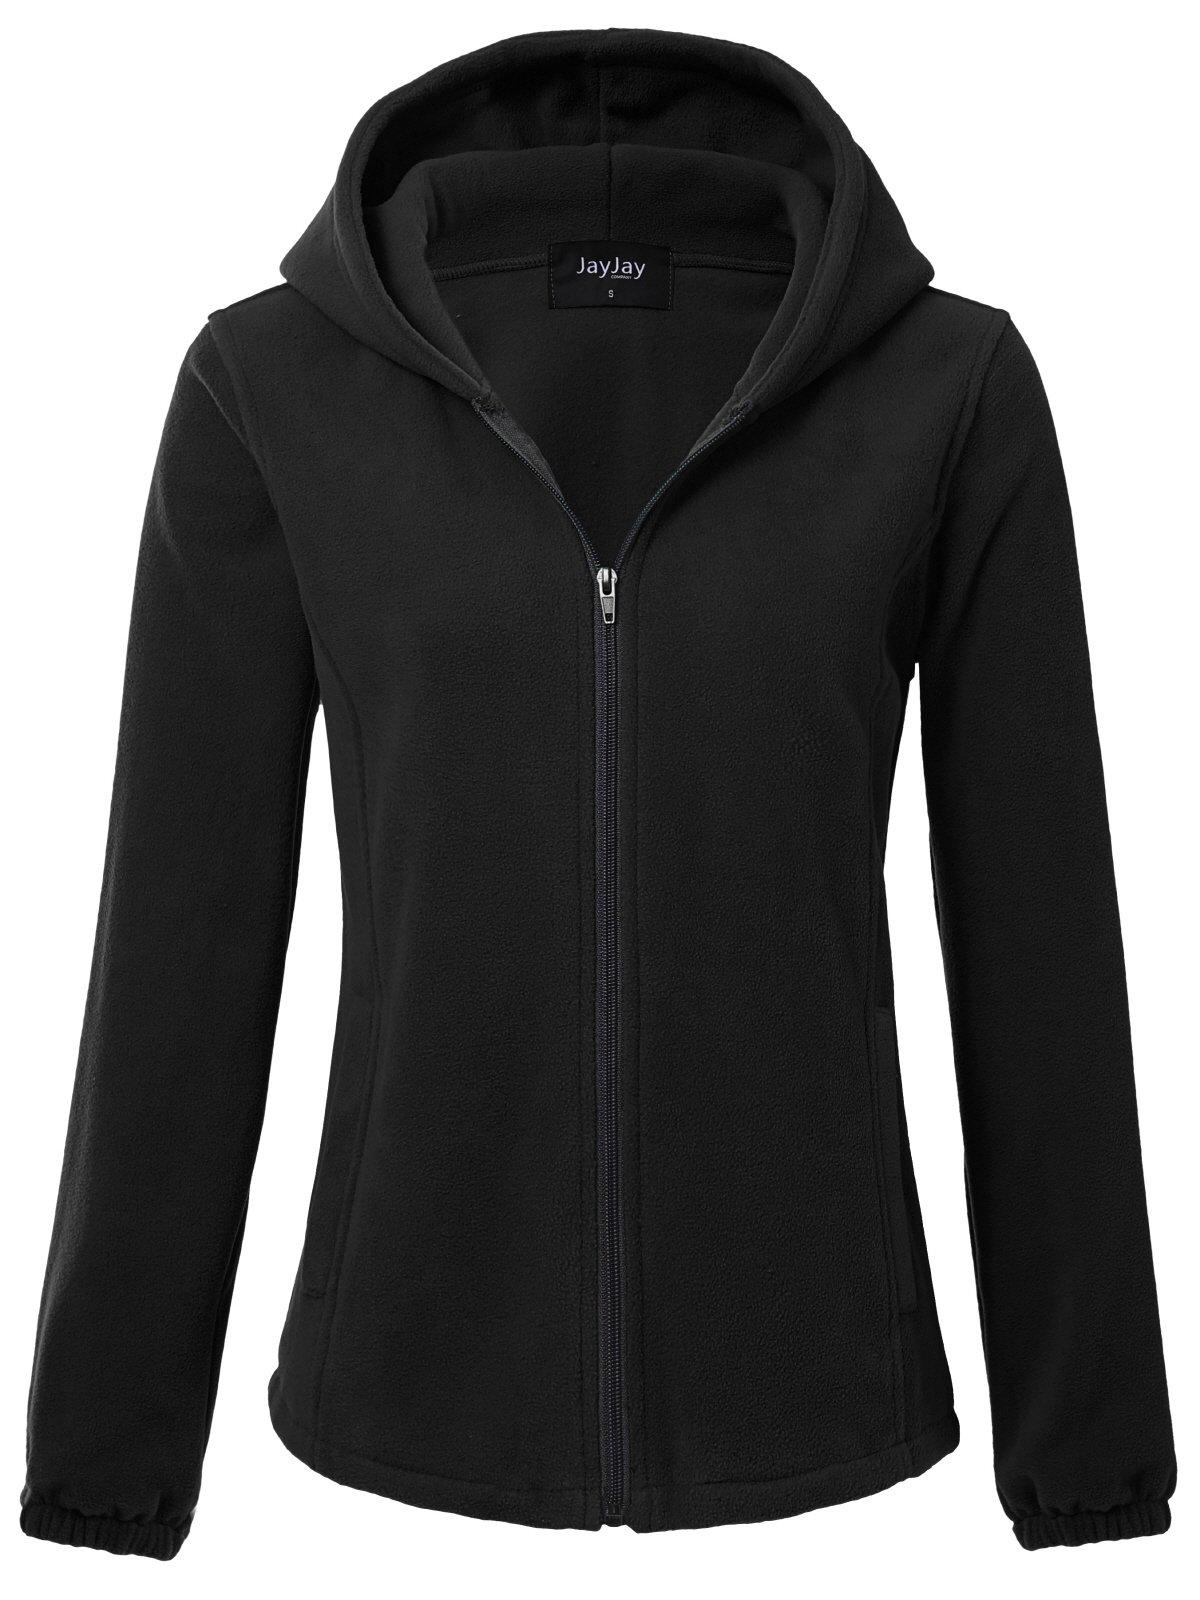 JayJay Women Ultra Soft Fleece Long Sleeve Hoodie Jacket,Black,2XL